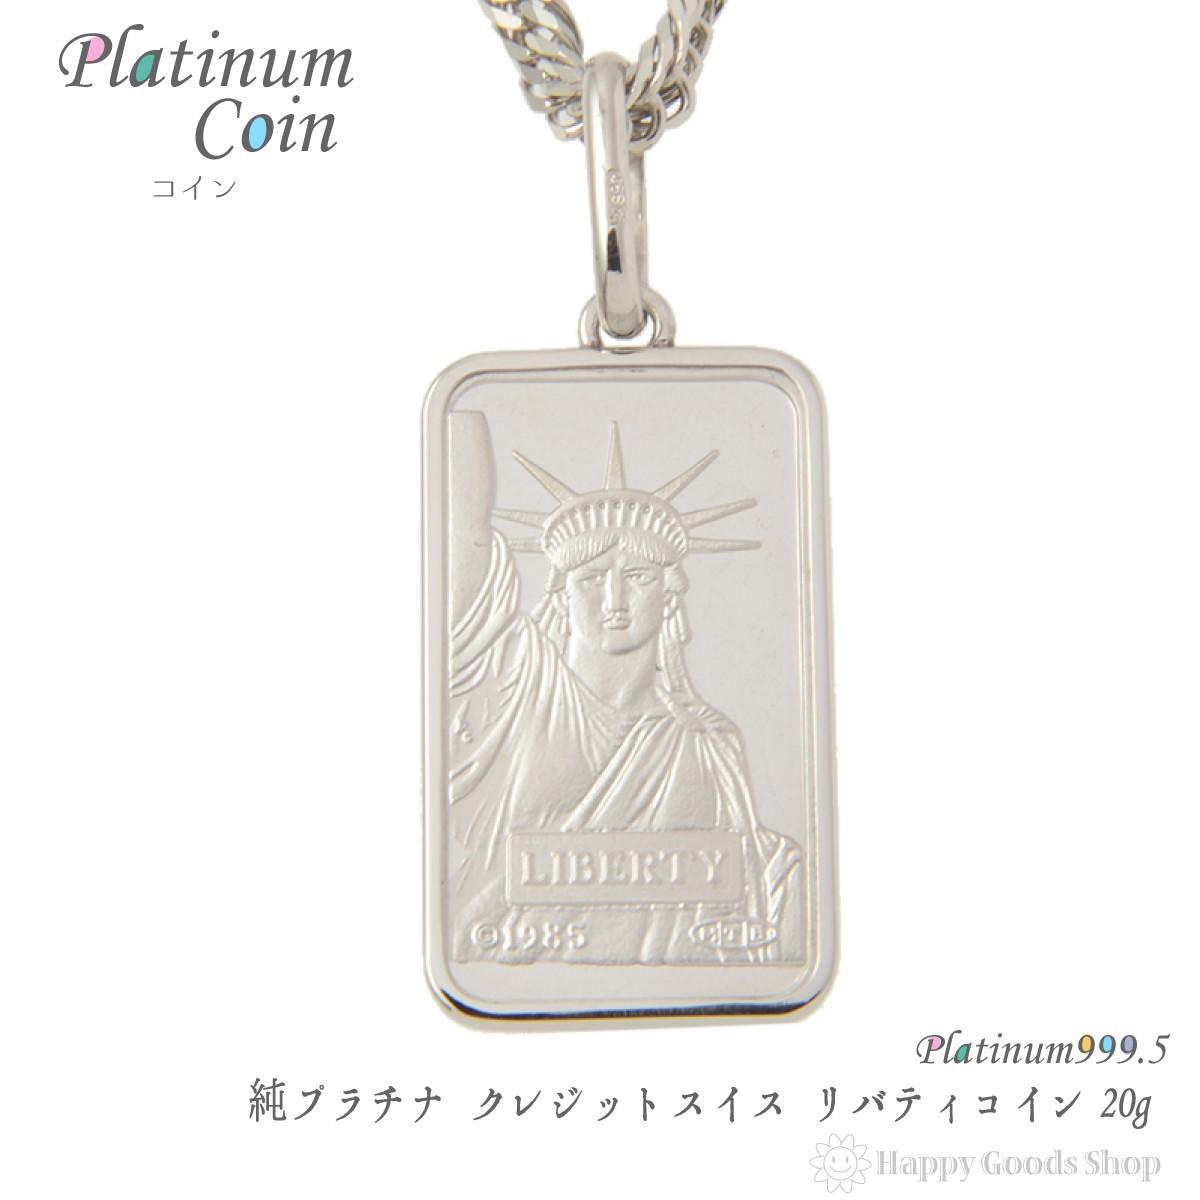 純プラチナ 20g インゴット ペンダントトップ リバティ コイン 自由の女神 クレジットスイス 枠付き 新品 送料無料